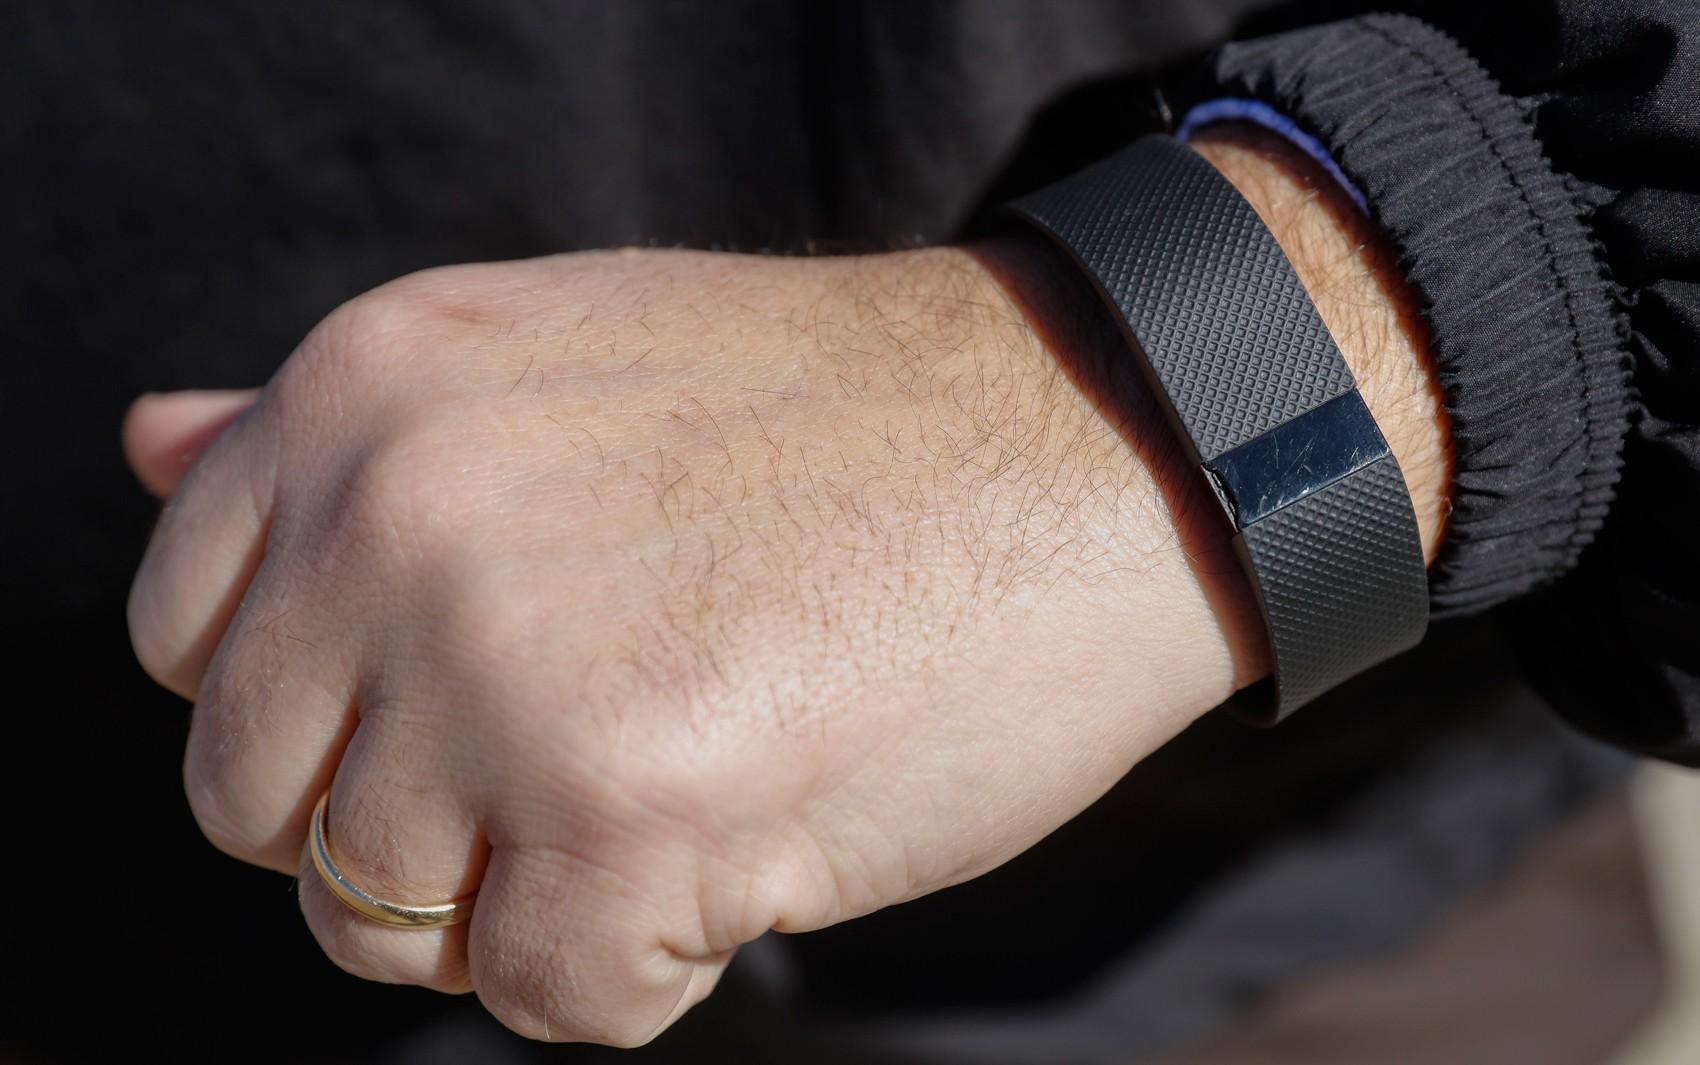 Homem usa seu Fitbit, pulseira que monitora atividades físicas  (Foto: AP Photo/AJ Mast/File)